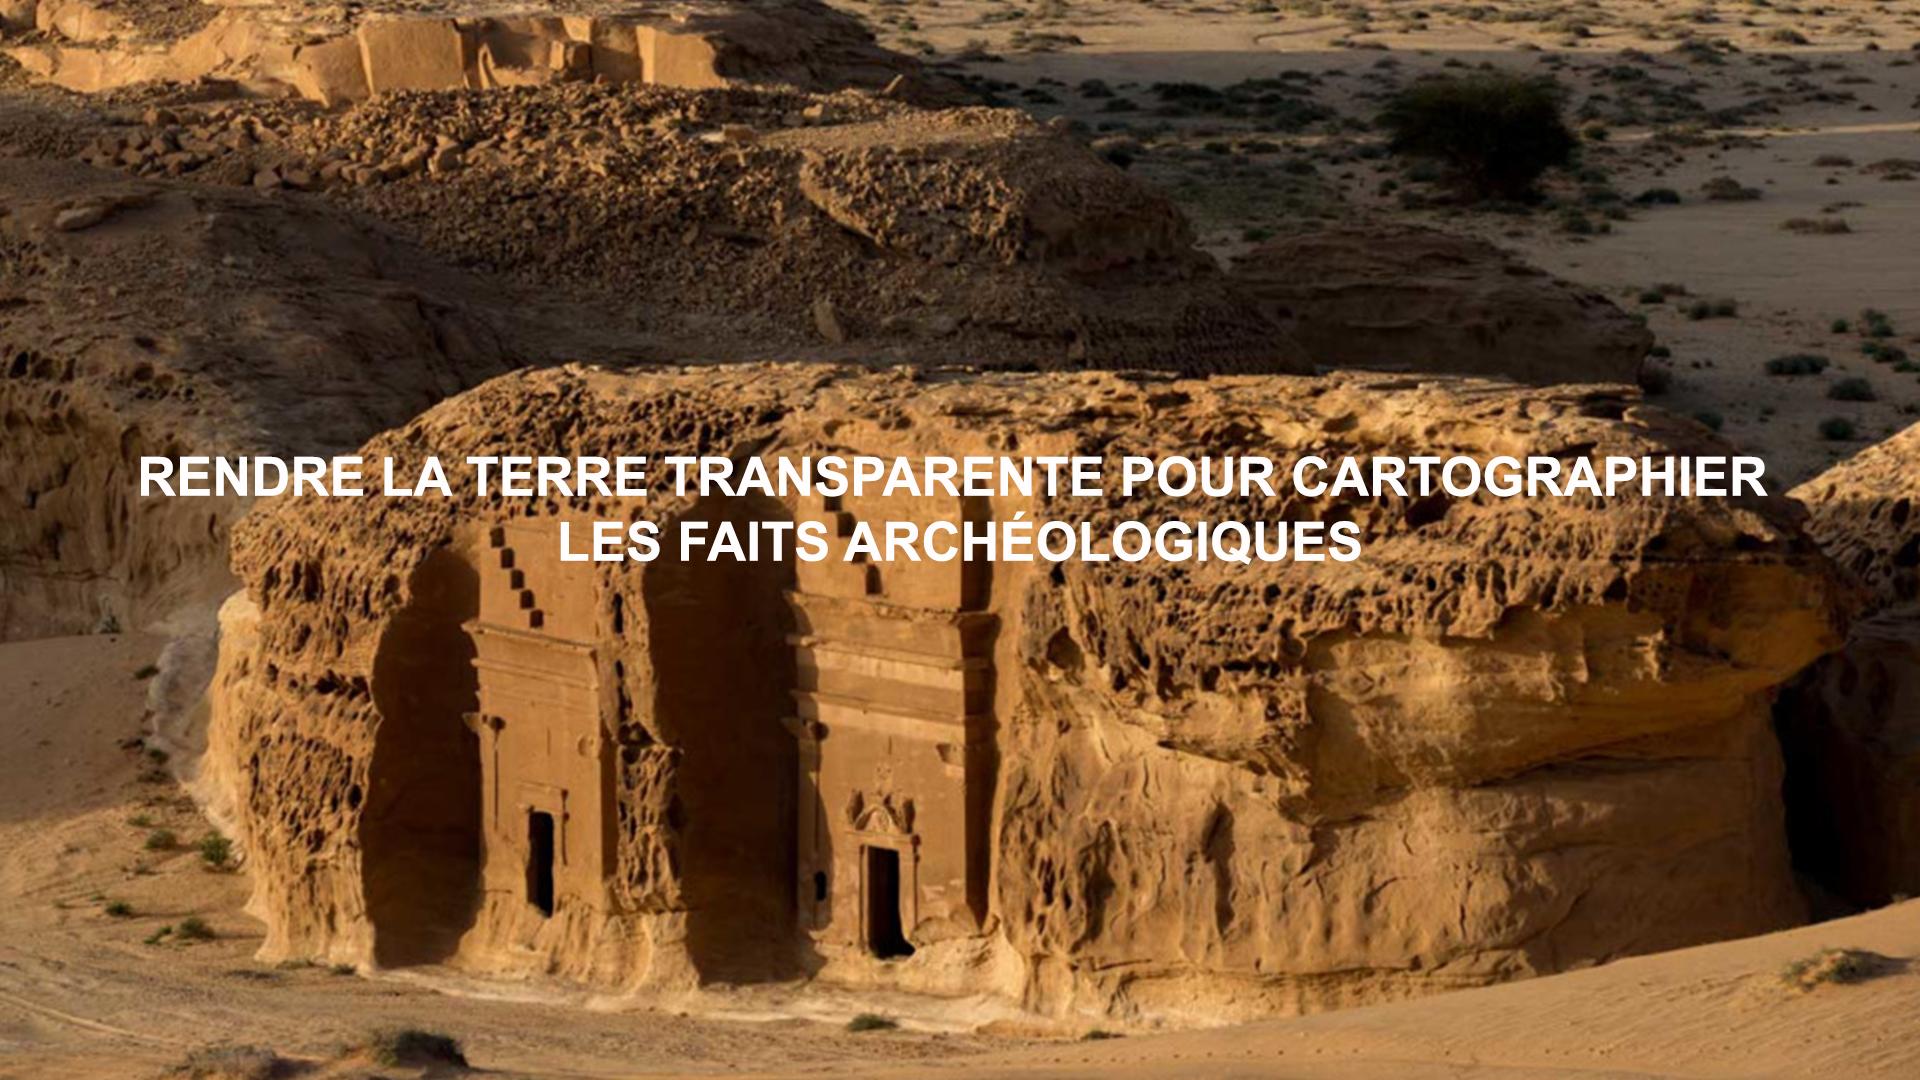 RENDRE LA TERRE TRANSPARENTE POUR CARTOGRAPHIER LES FAITS ARCHÉOLOGIQUES